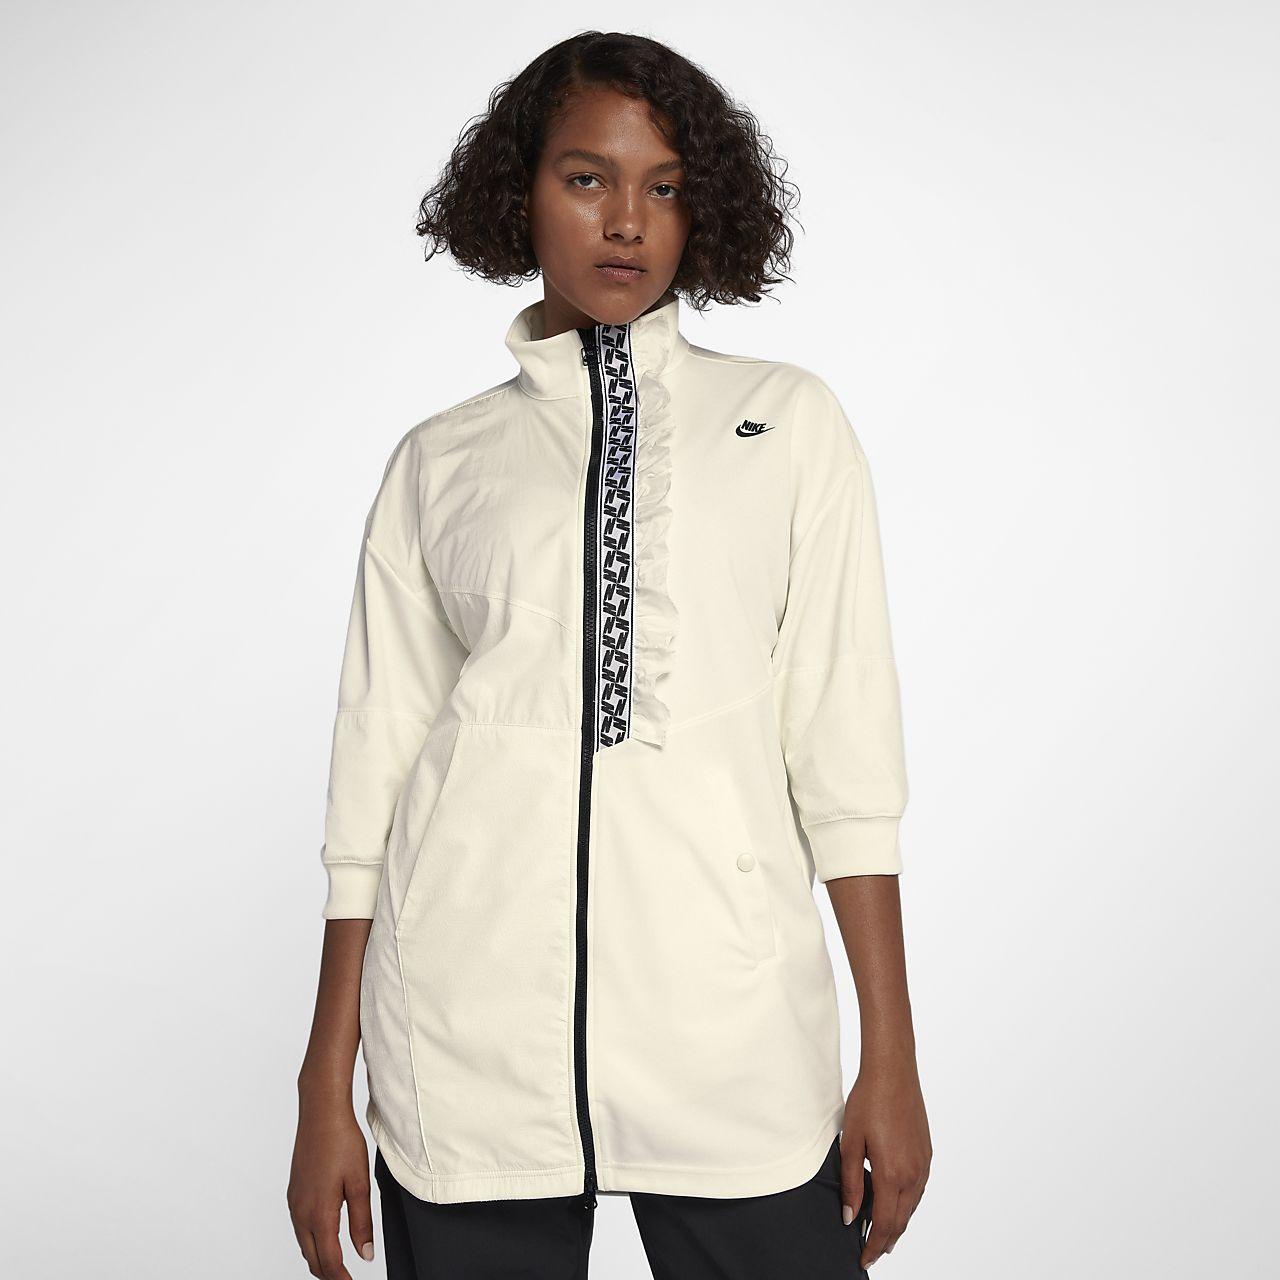 sports shoes 2e9ce 8d2f6 ... Veste de survêtement entièrement zippée Nike Sportswear pour Femme